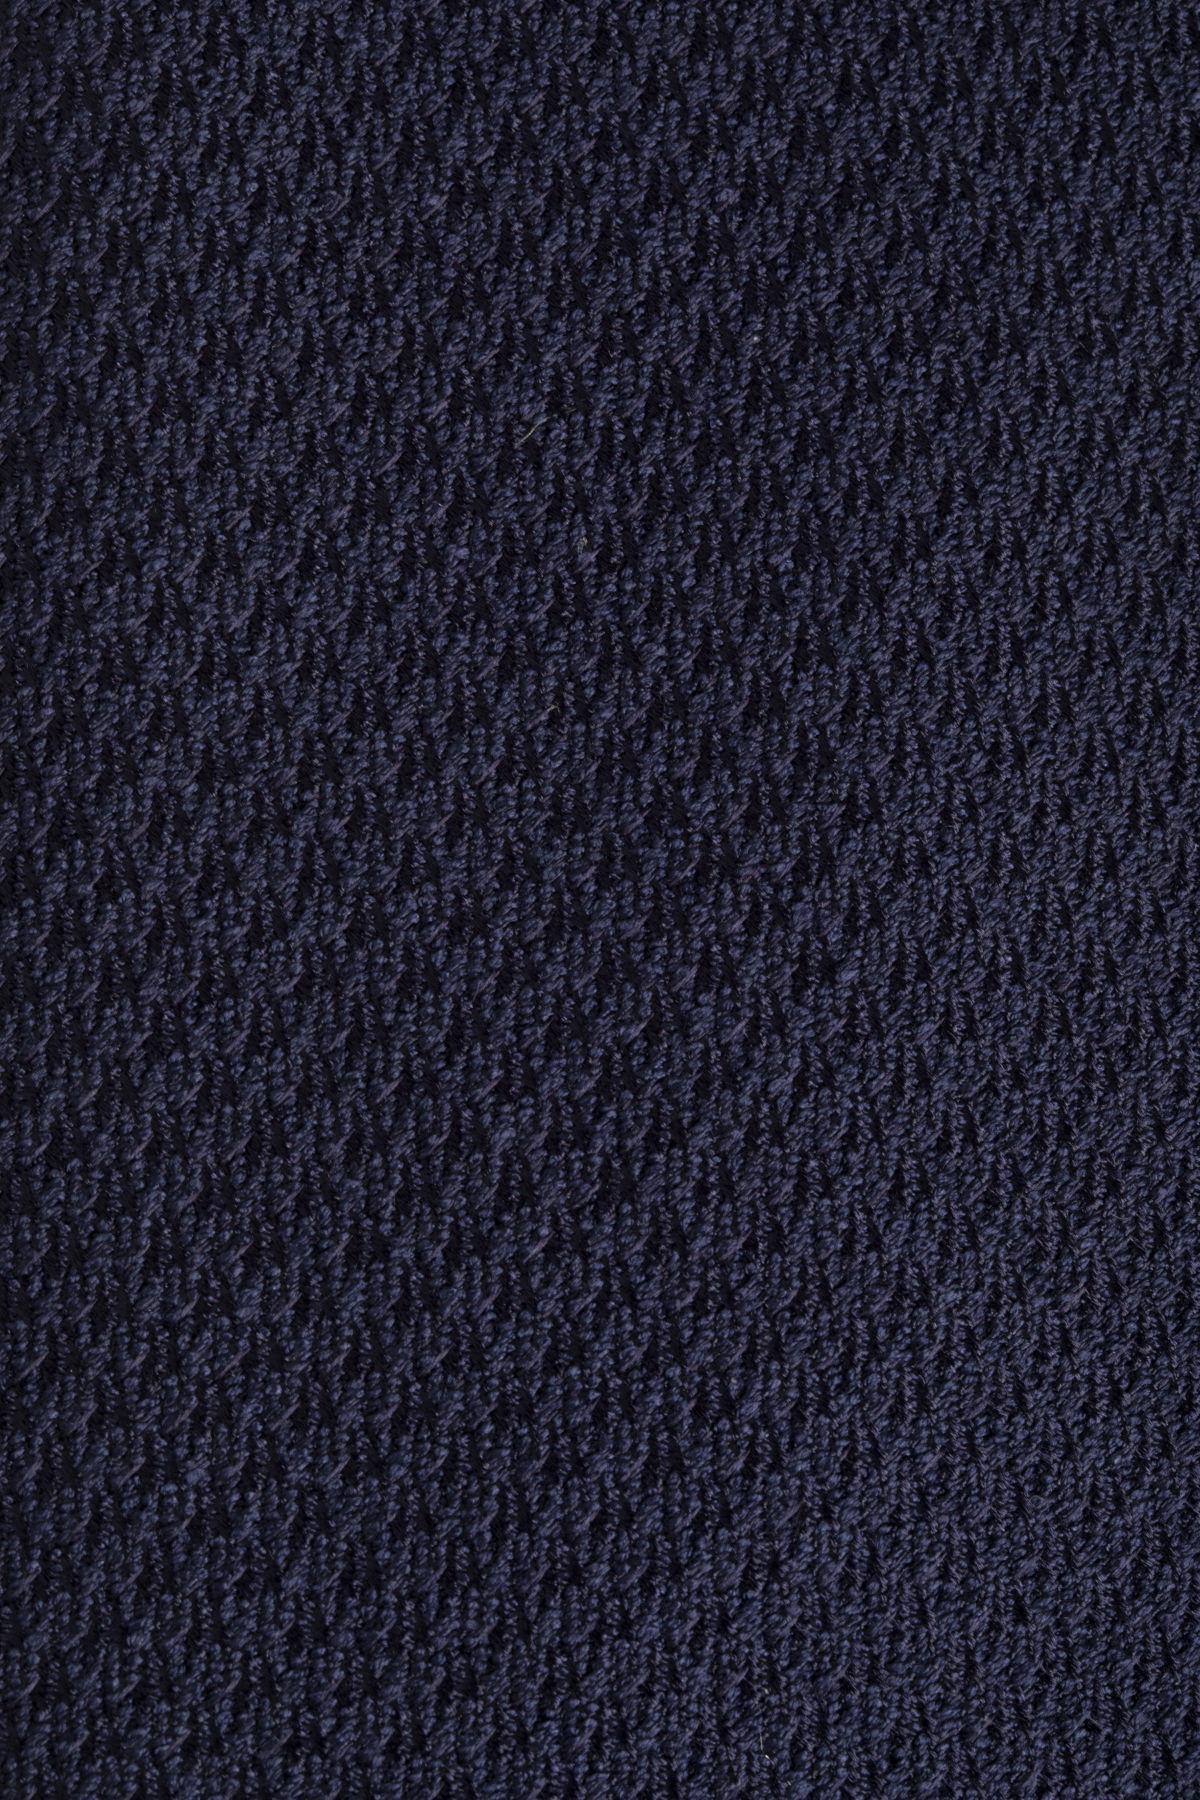 Cravatta DANDYISH A/I 19-20